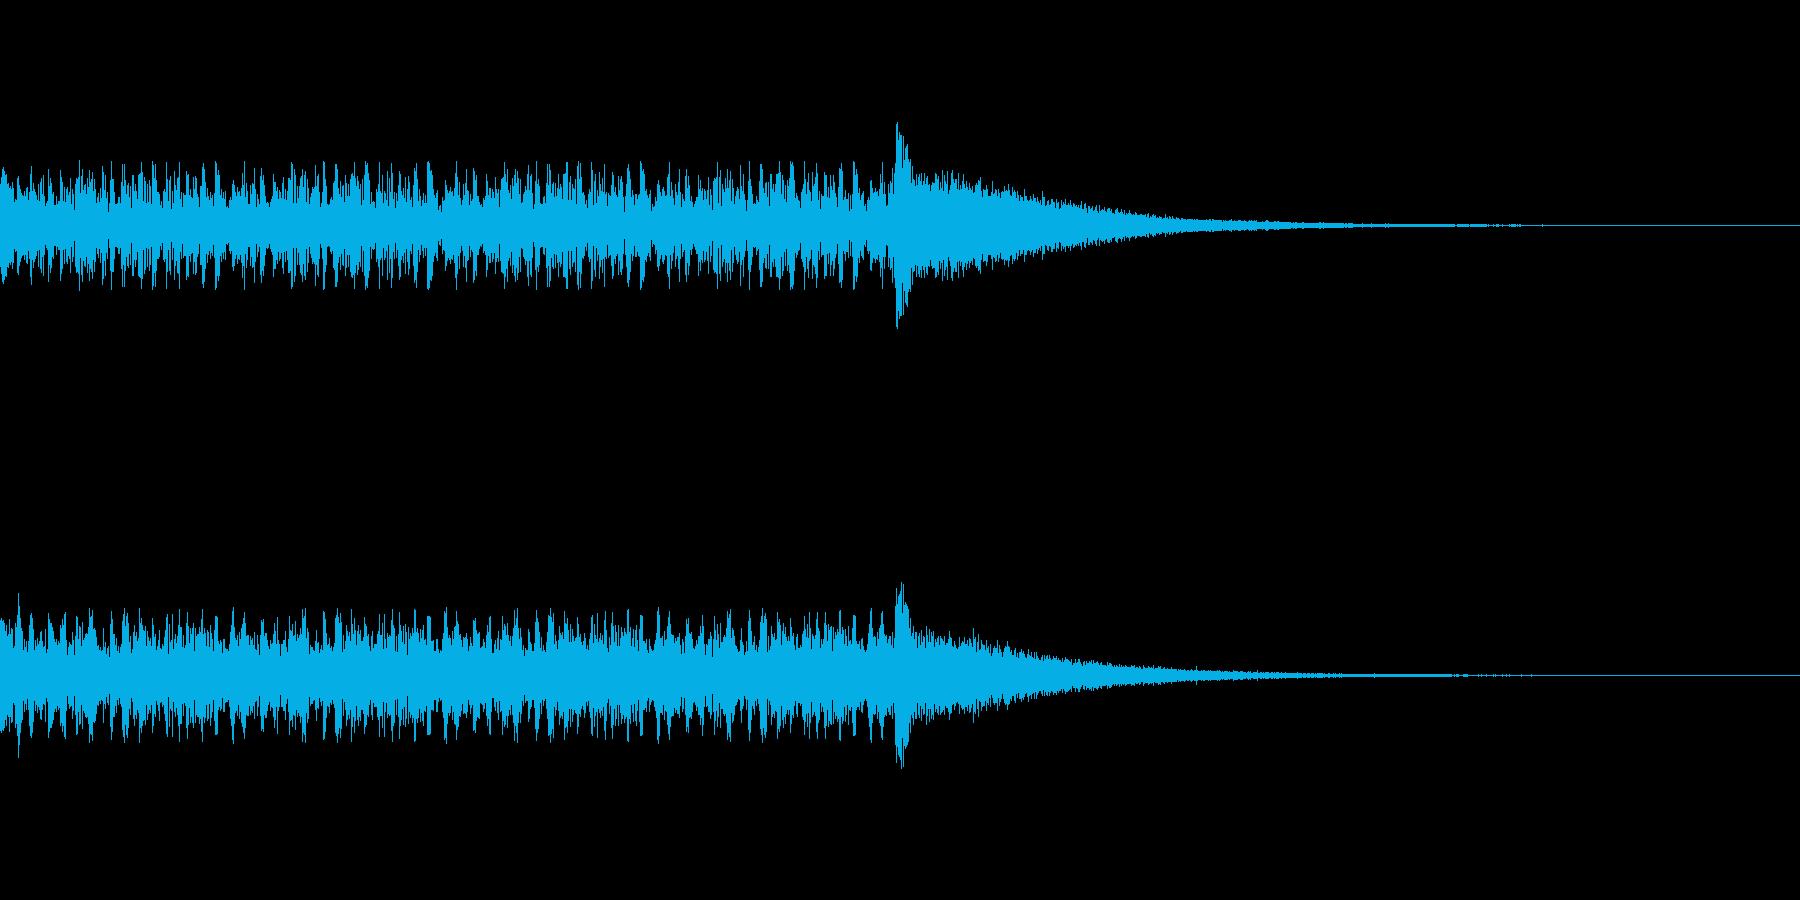 ドラムロールの音の再生済みの波形